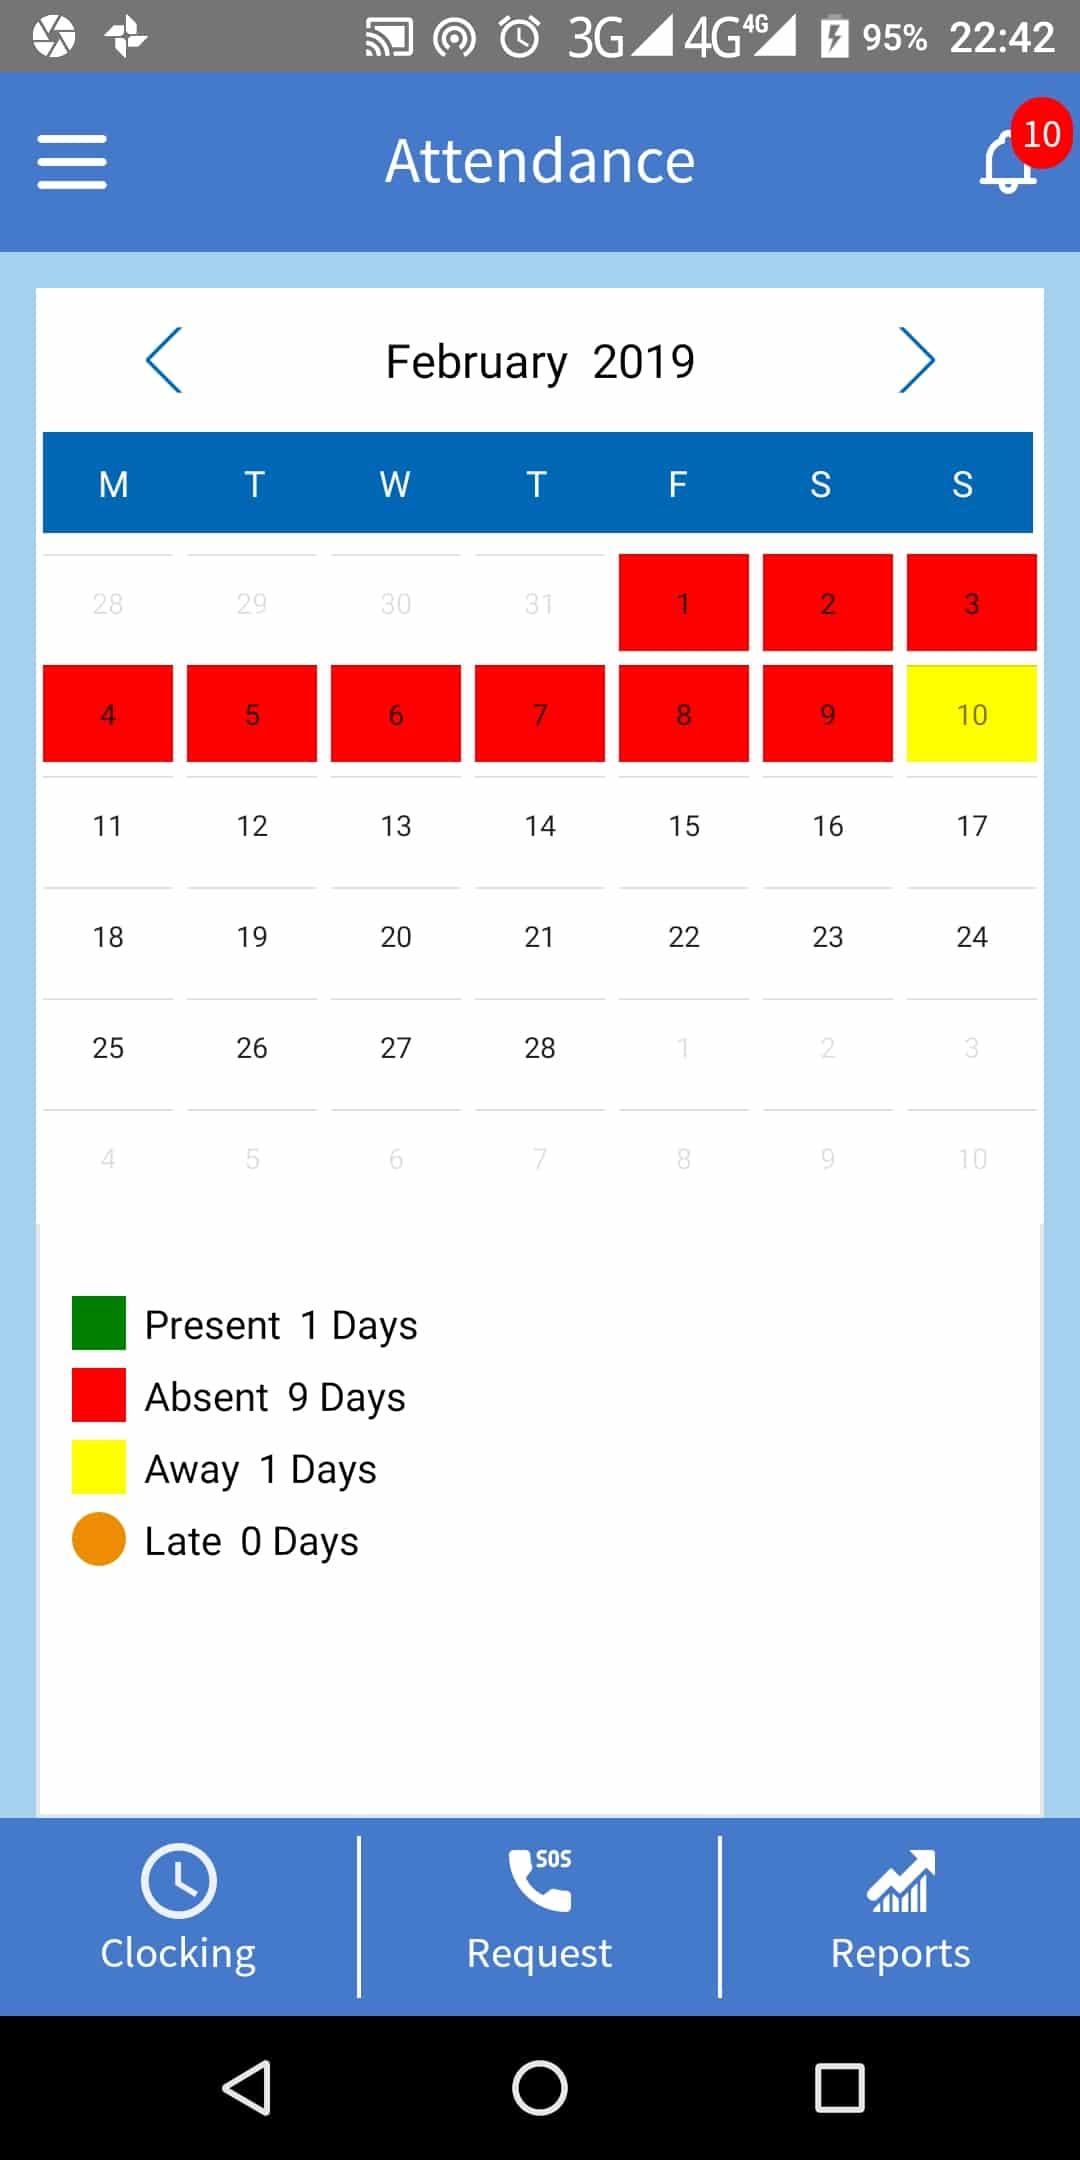 attendance app, attendance application, attendance manager, attendance app online, attendance tracking app